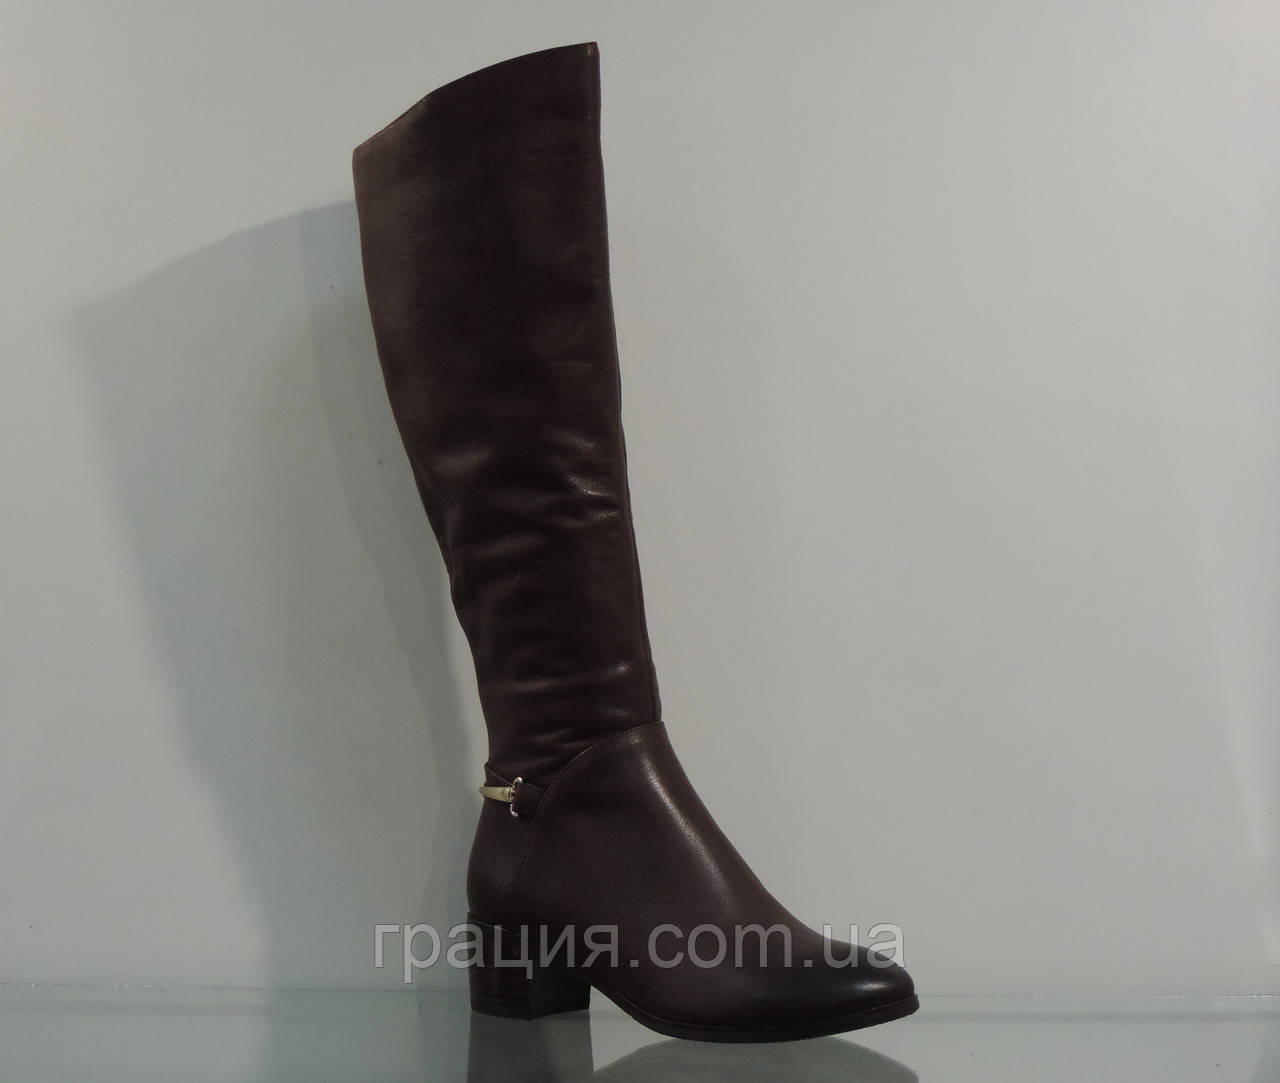 Сапоги женские зимние кожаные с натуральным мехом